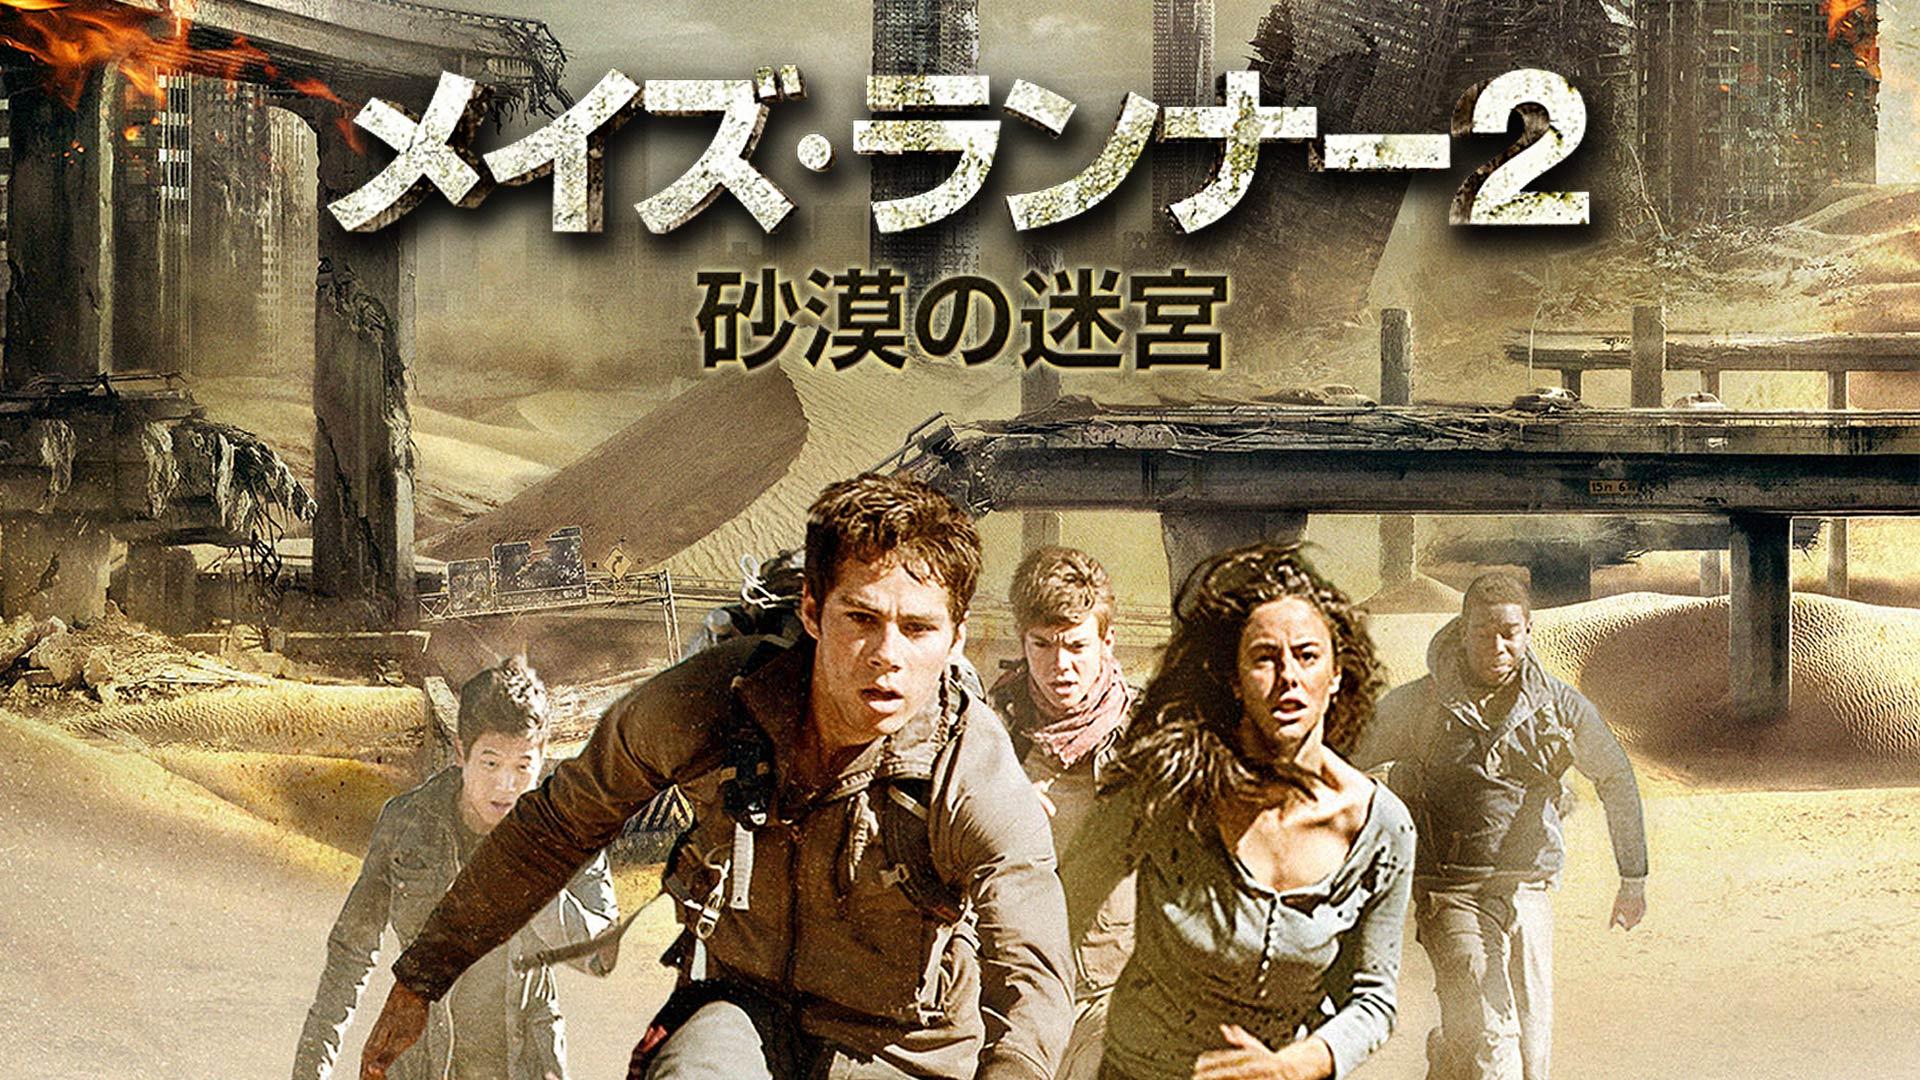 メイズ・ランナー2:砂漠の迷宮 (吹替版)